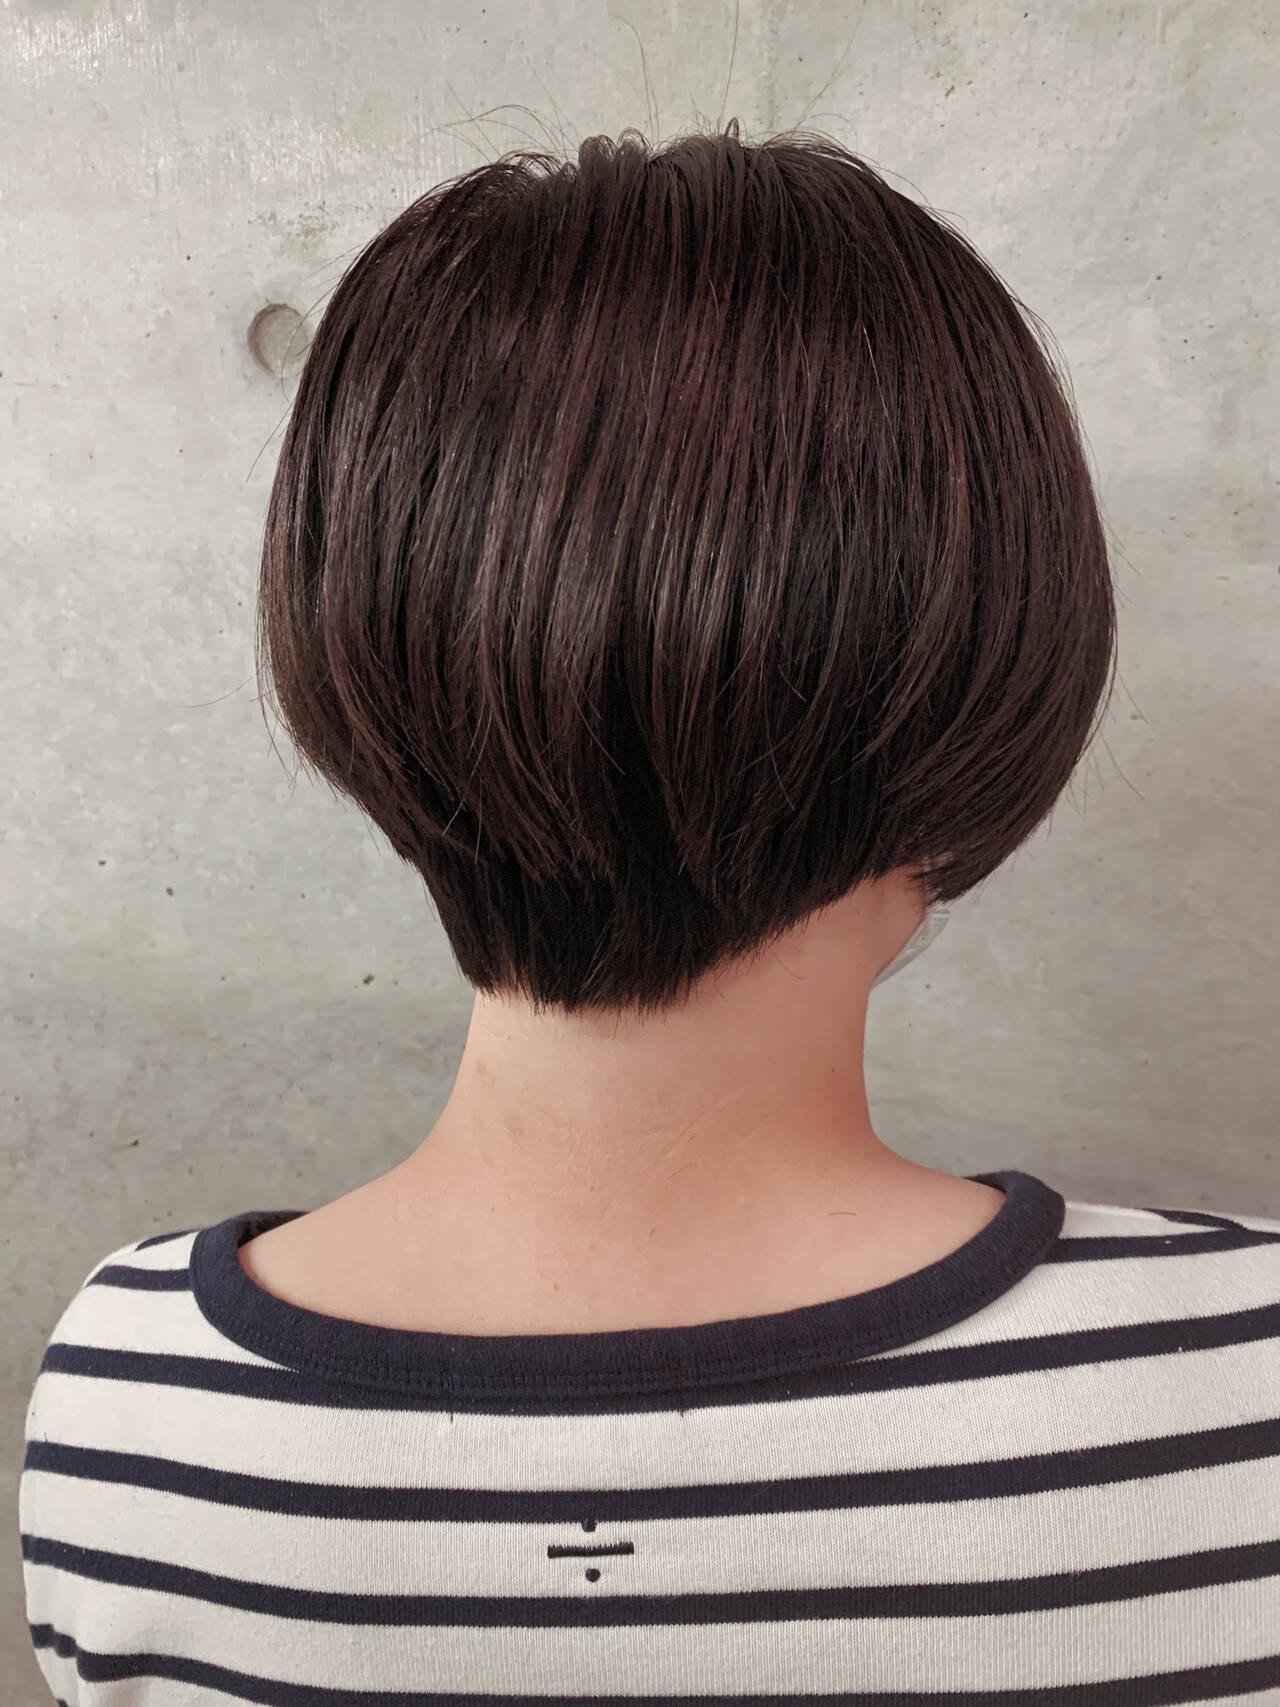 ショートヘア ショート ショートボブ ナチュラルヘアスタイルや髪型の写真・画像